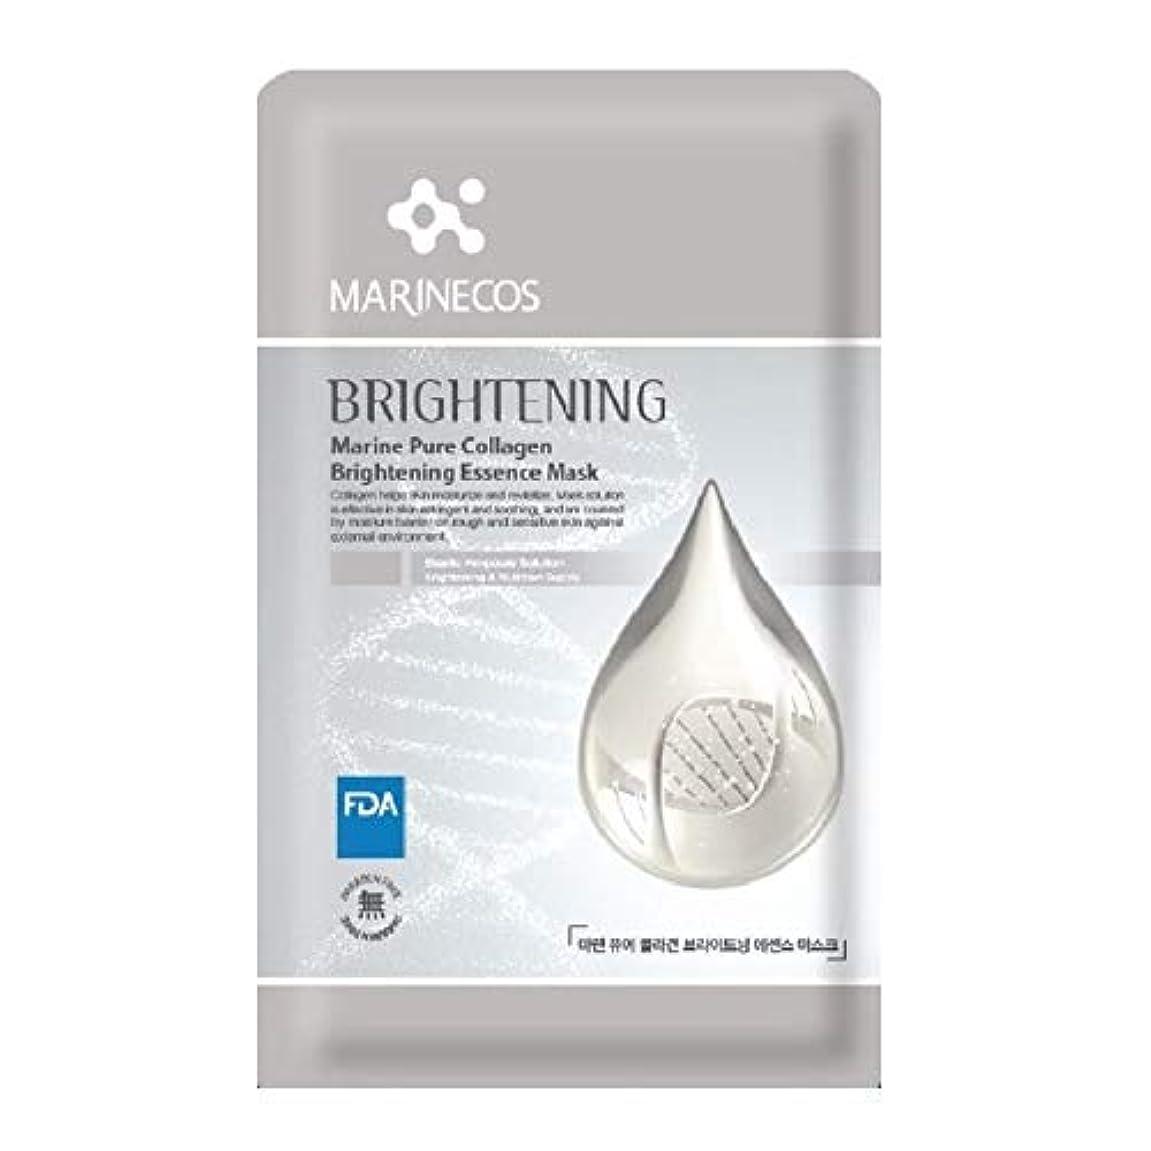 コンピューターゲームをプレイする放つ論理Korea, Beauty, Marine Pure Collagen Brightening Essence Mask 10 Sheets 1 Case 韓国ネーチャー コスメ ビューティー 韓国マスクシート